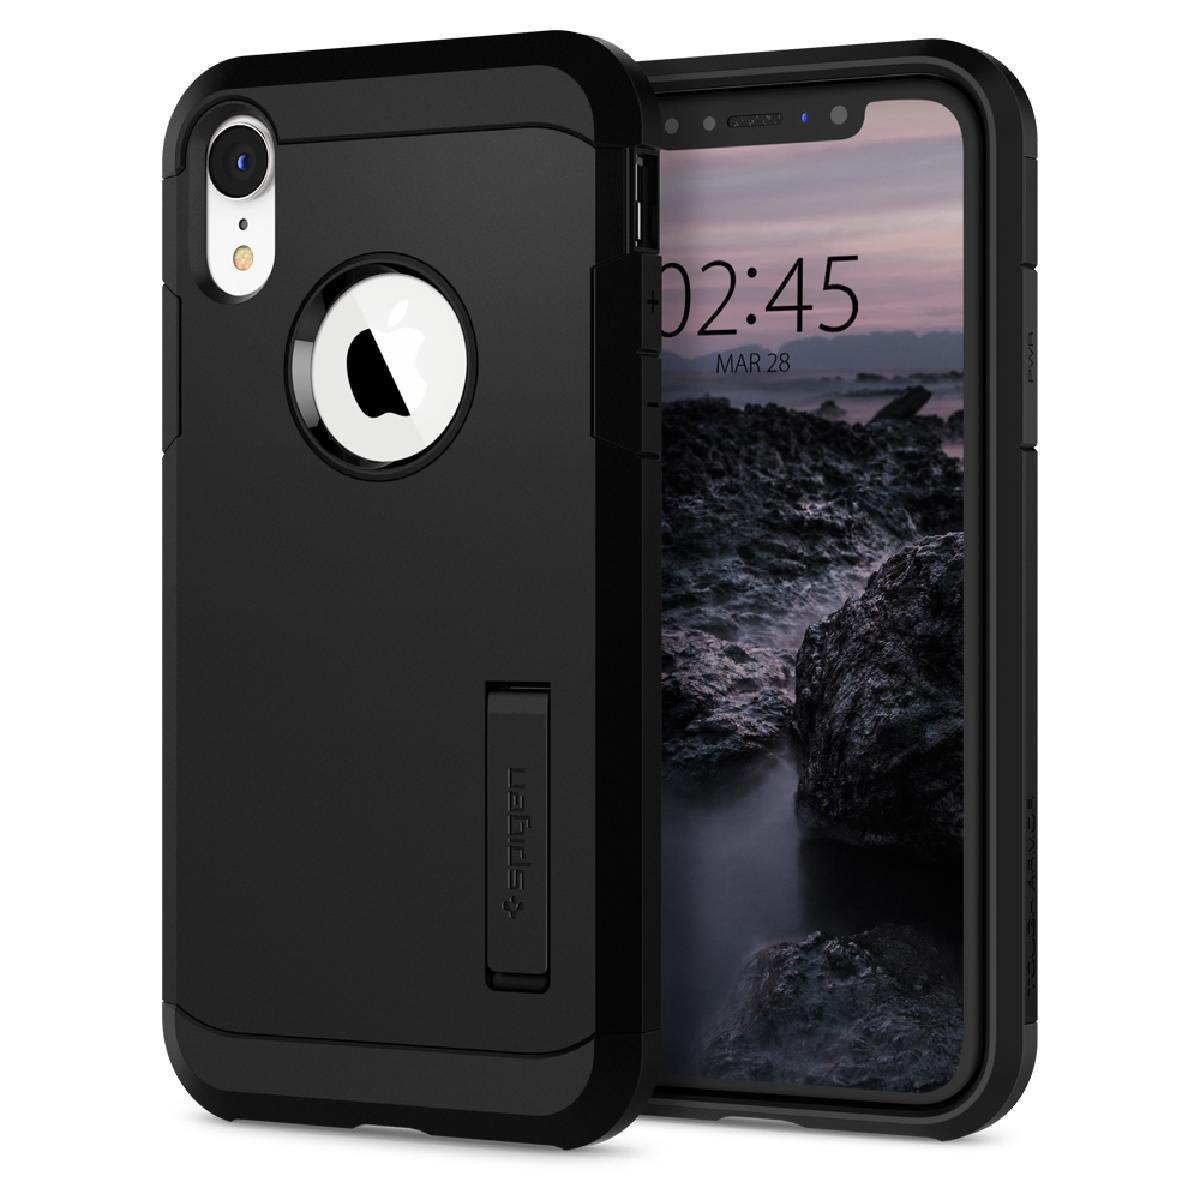 Spigen iPhone XR Case Tough Armor - Black